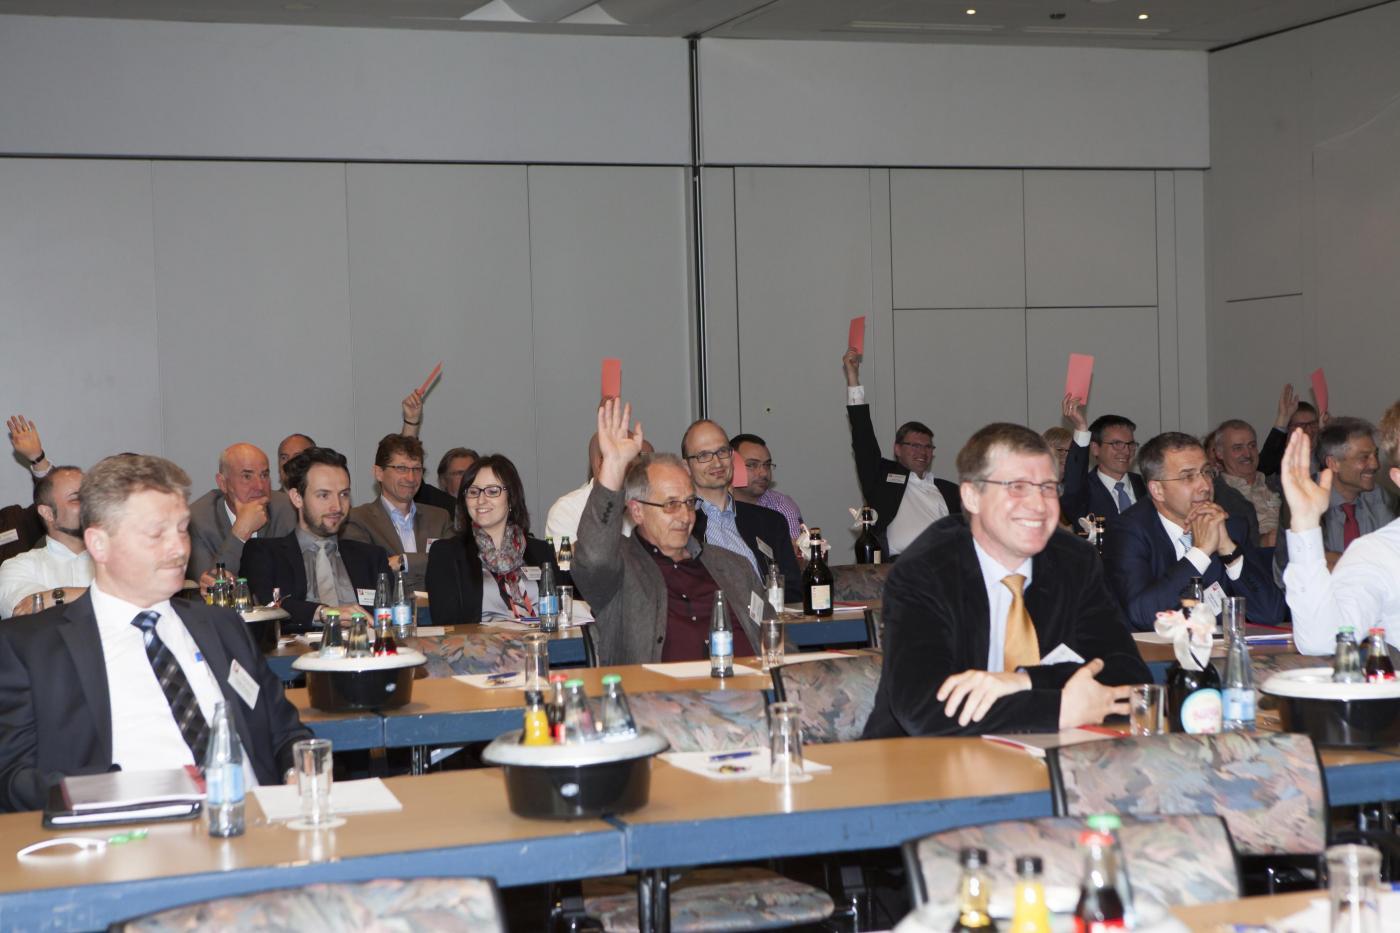 2015-04-23 Mitgliederversammlung Bild 17